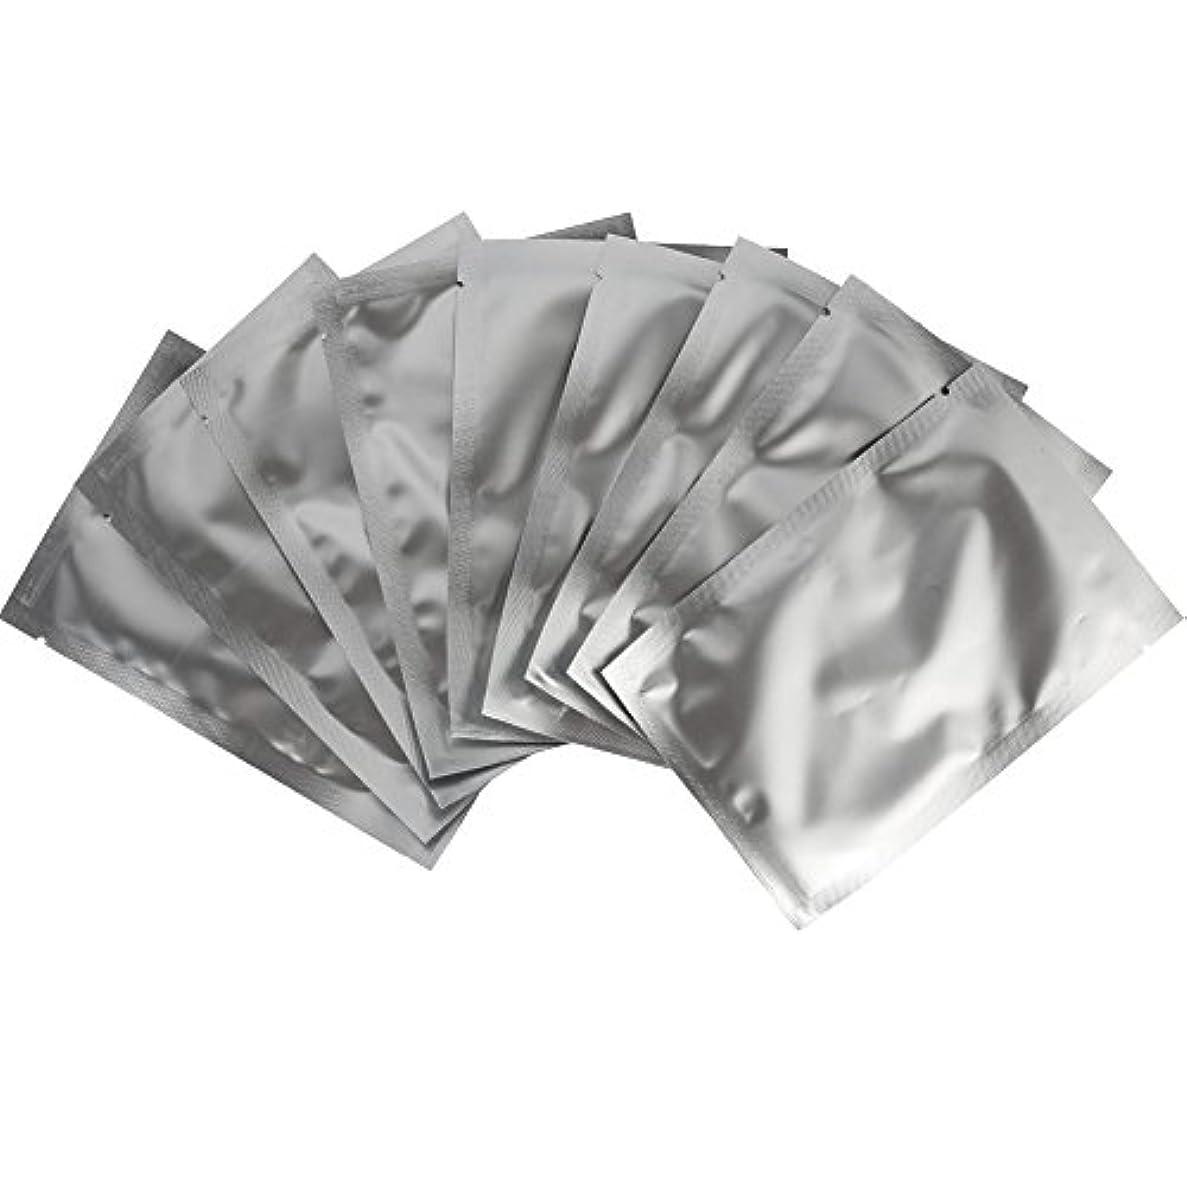 重なる各粉砕する10PCSしわパッチ、抗しわ抗フェイスマスクパッチライン保湿肌修理粘着パッド